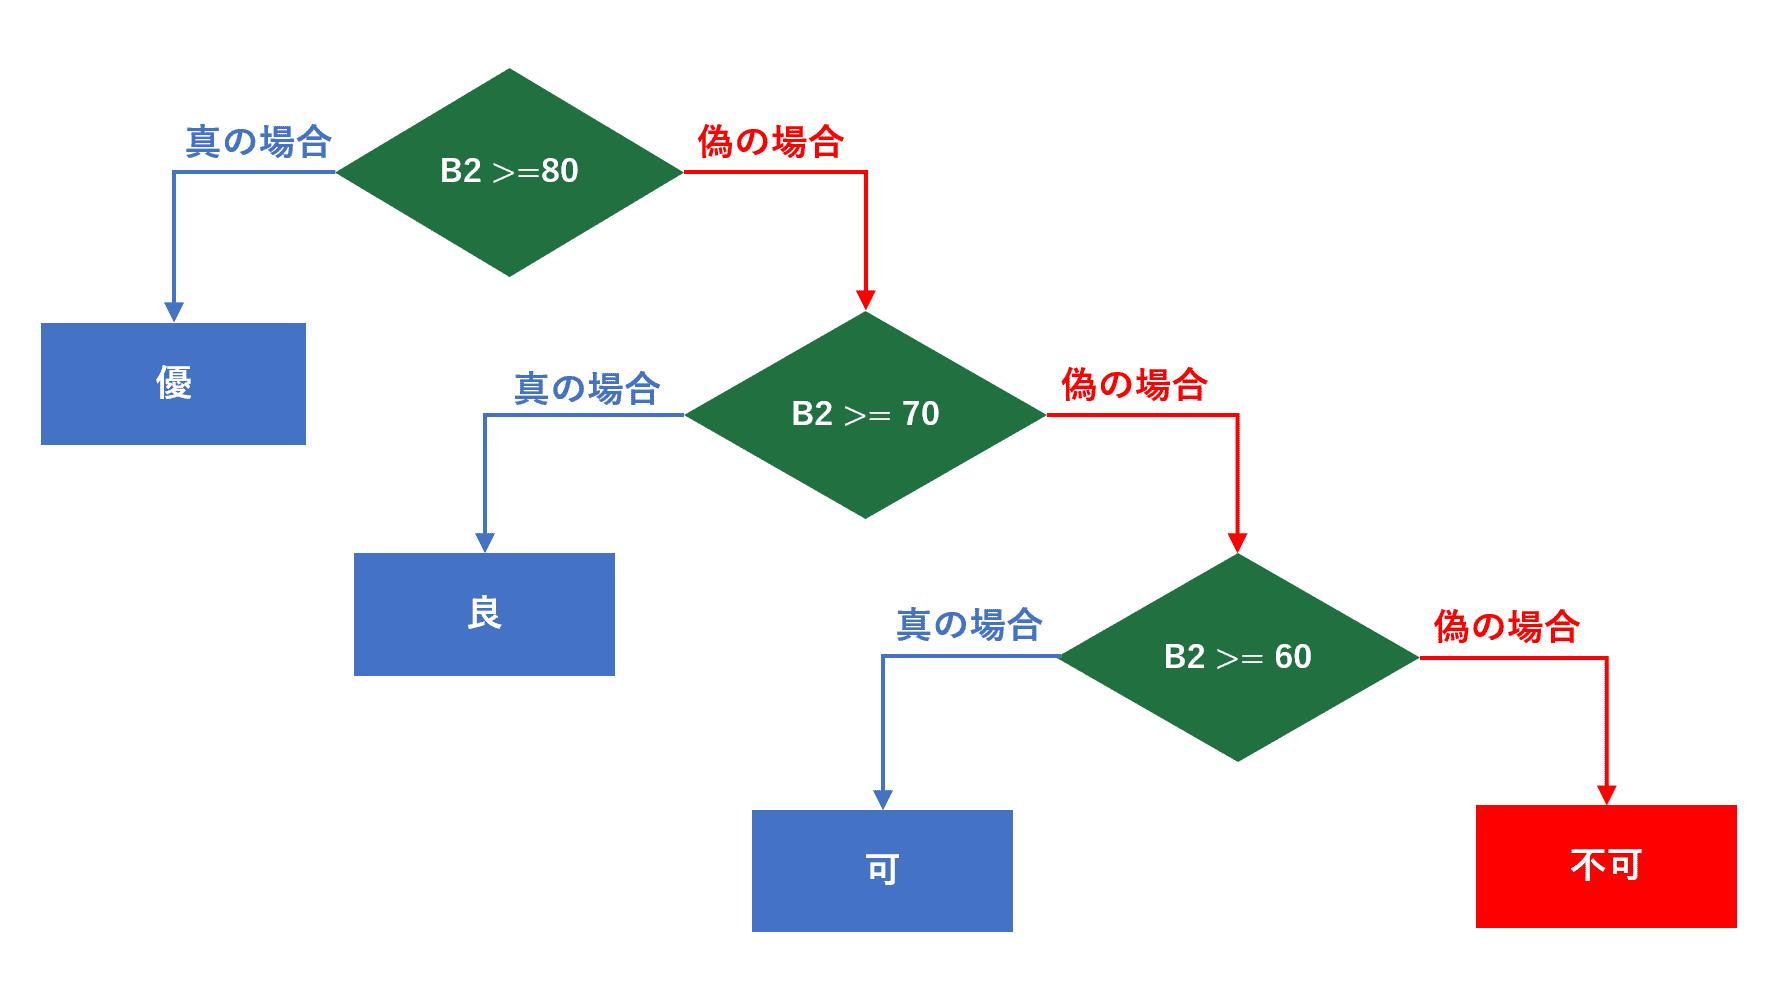 4つの条件分岐の流れ